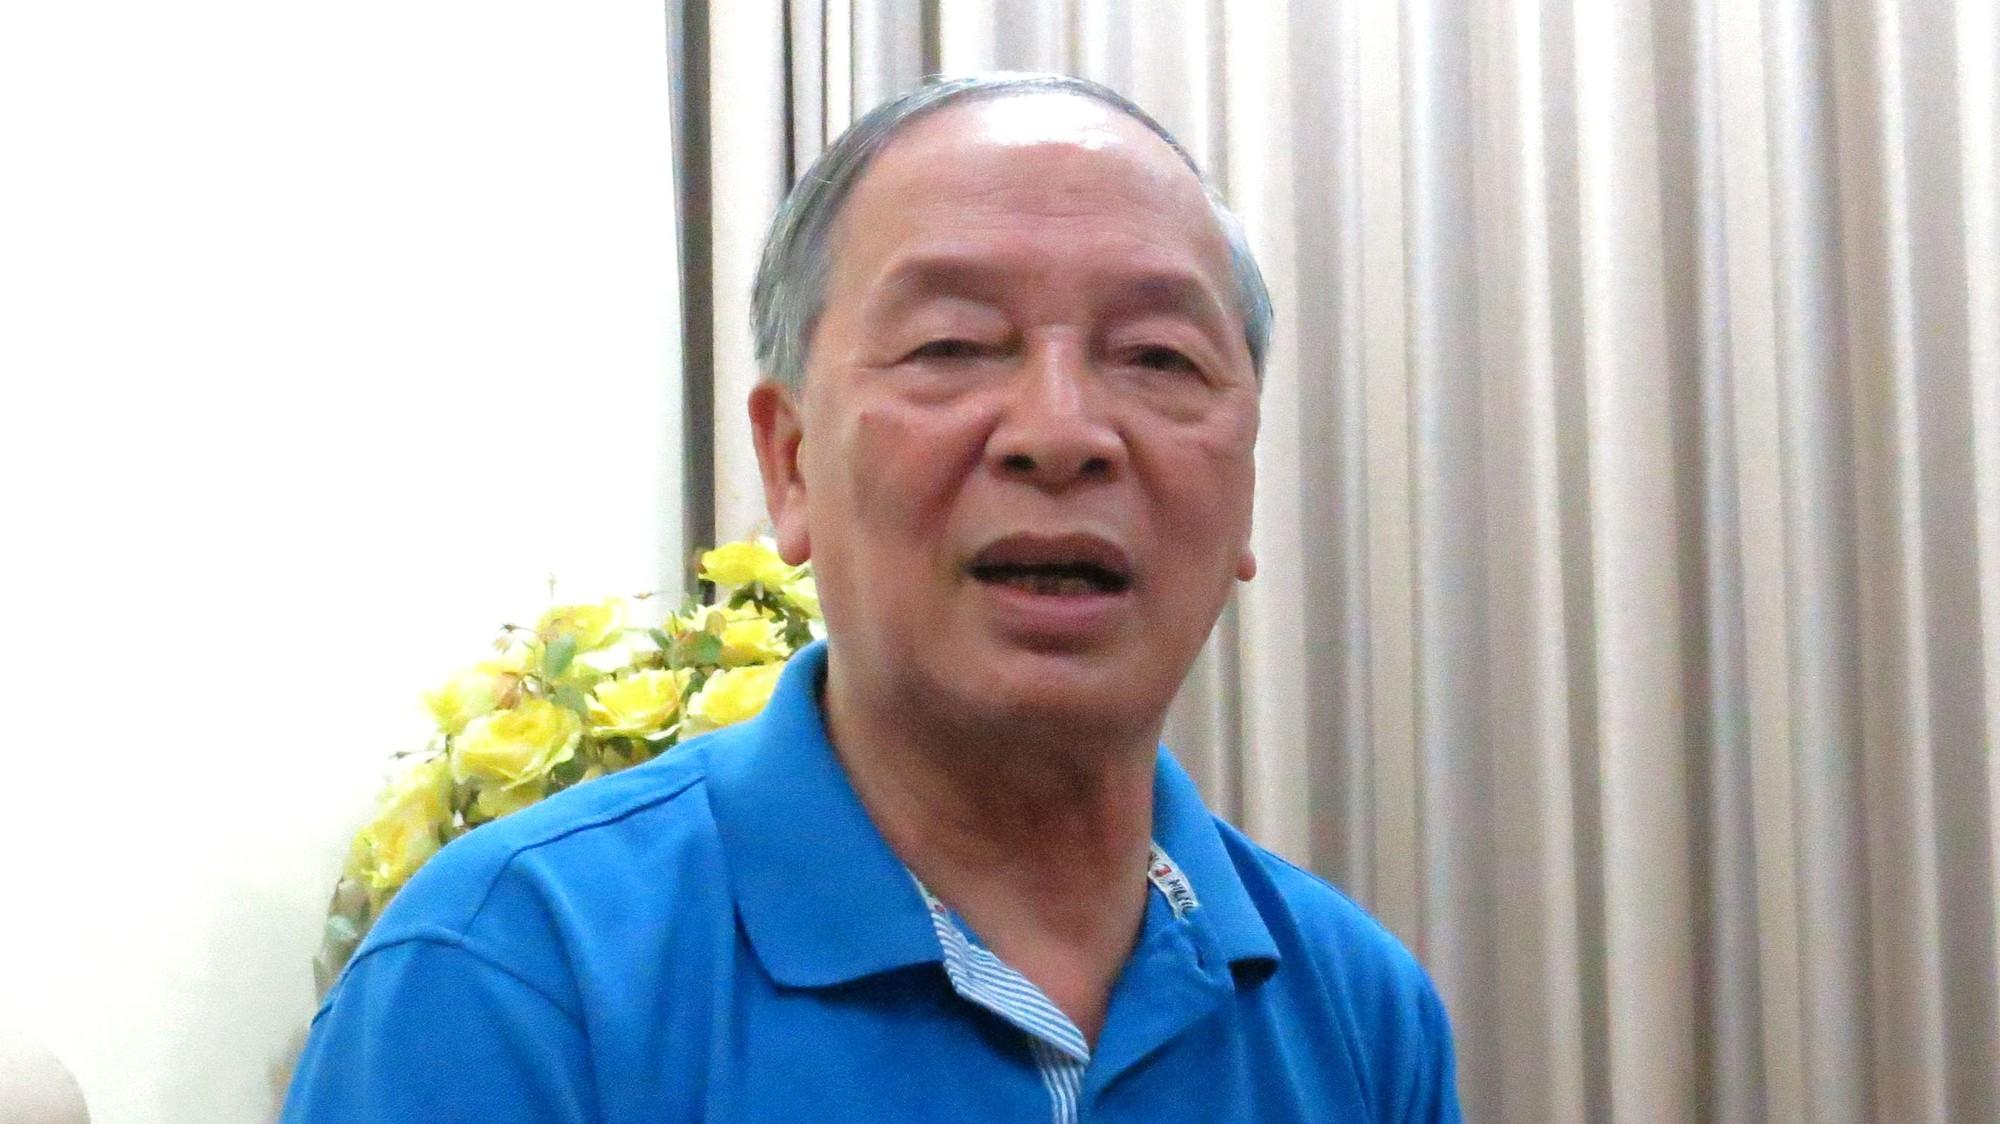 Chuyên gia kinh tế Vũ Vinh Phú, nguyên Phó Giám đốc Sở Thương mại, nguyên Chủ tịch Hội Siêu thị Hà Nội.